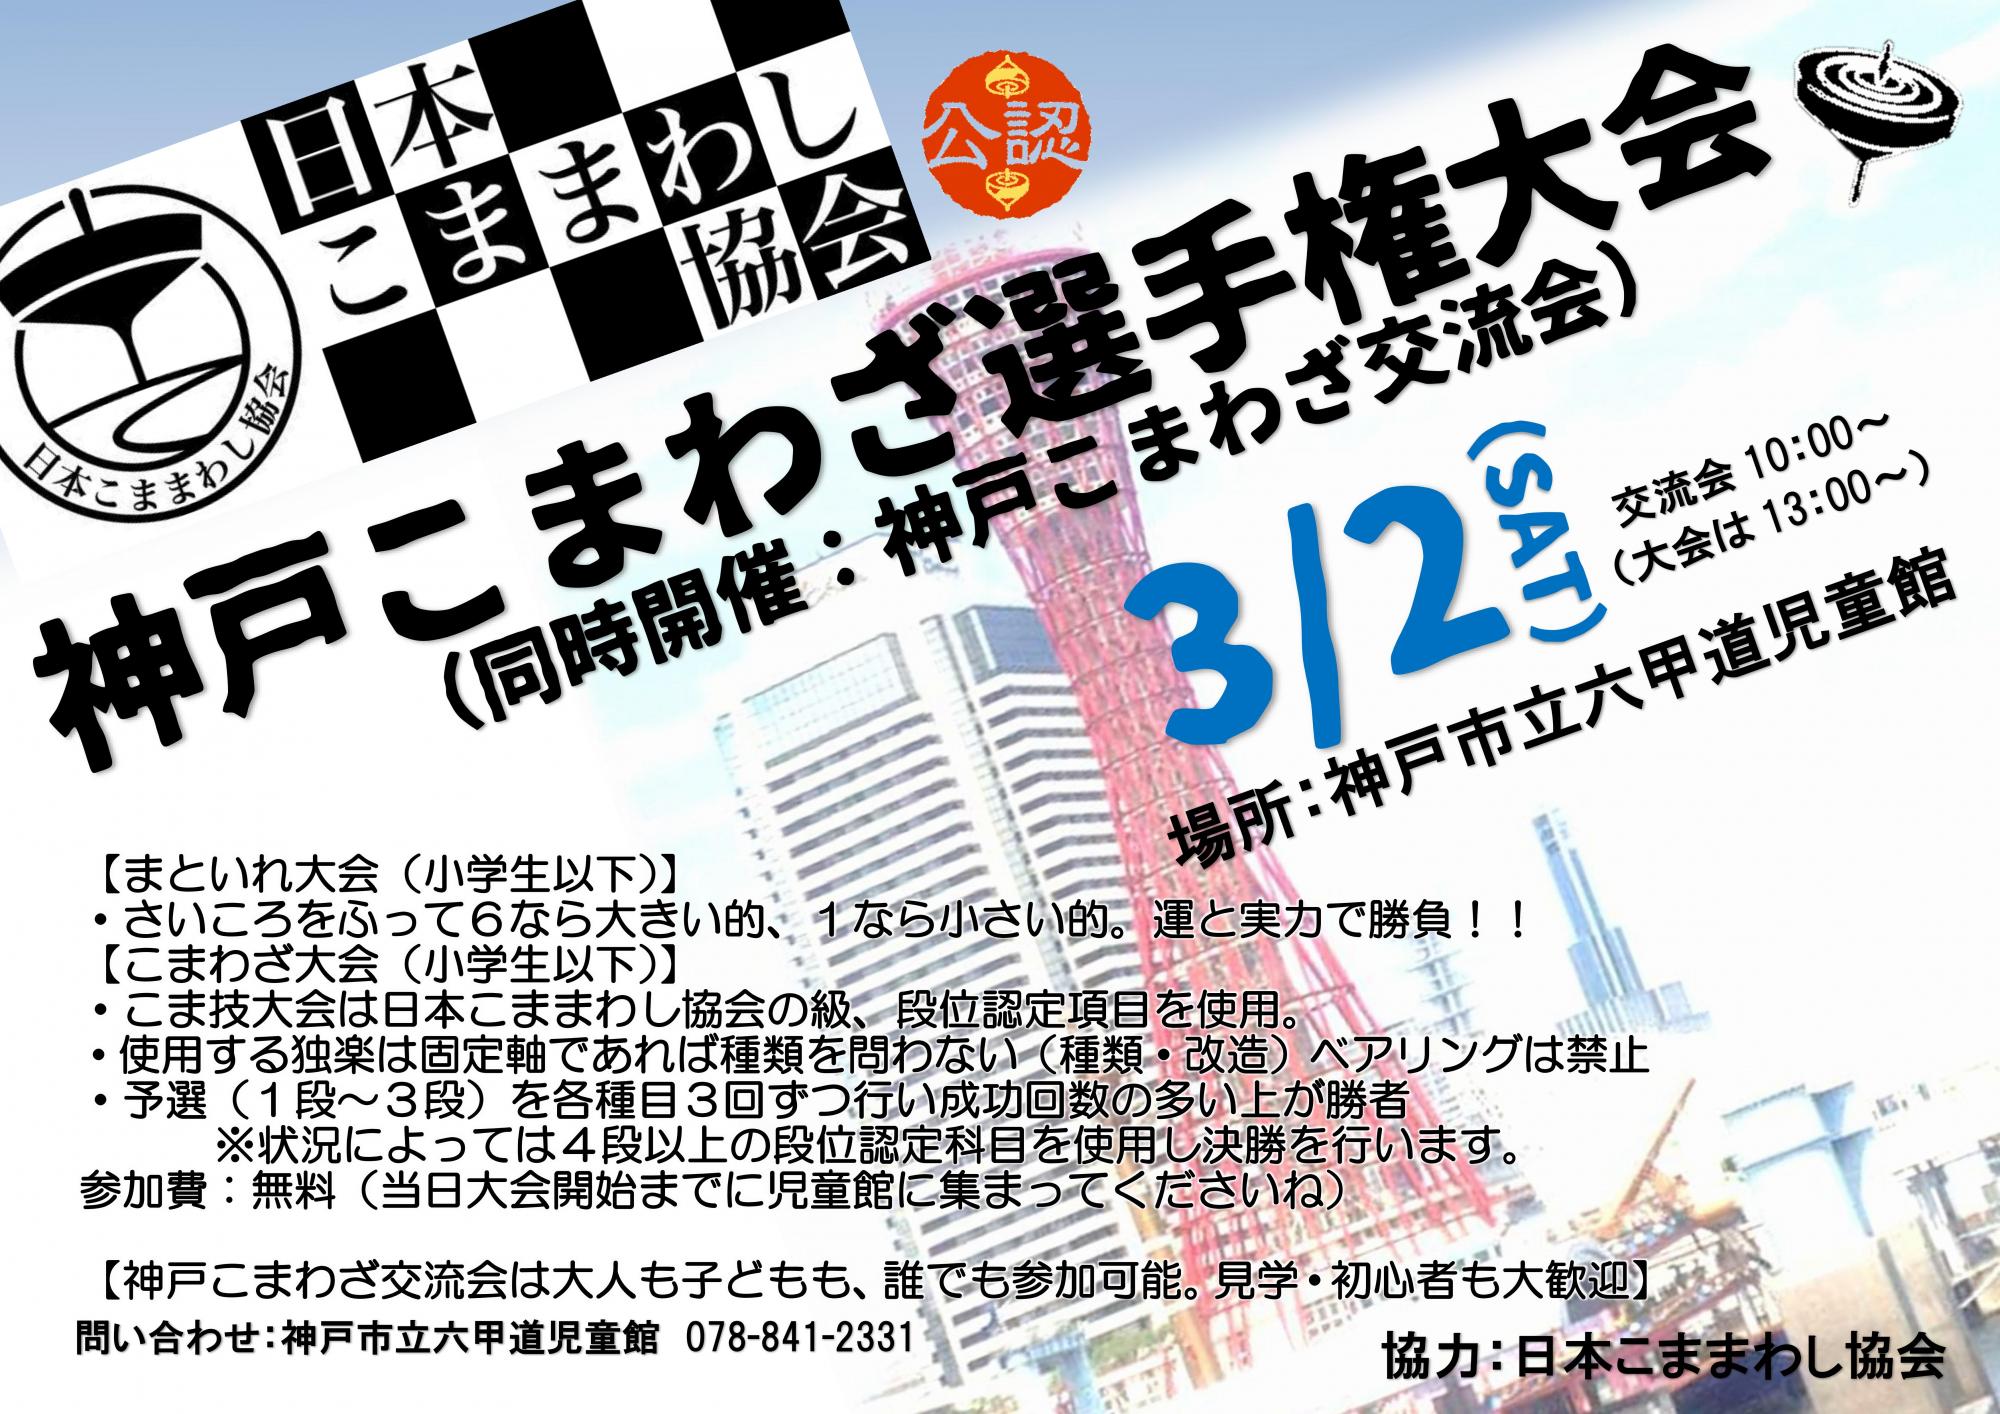 神戸こまわざ選手権大会in六甲道児童館 3月2日(土)